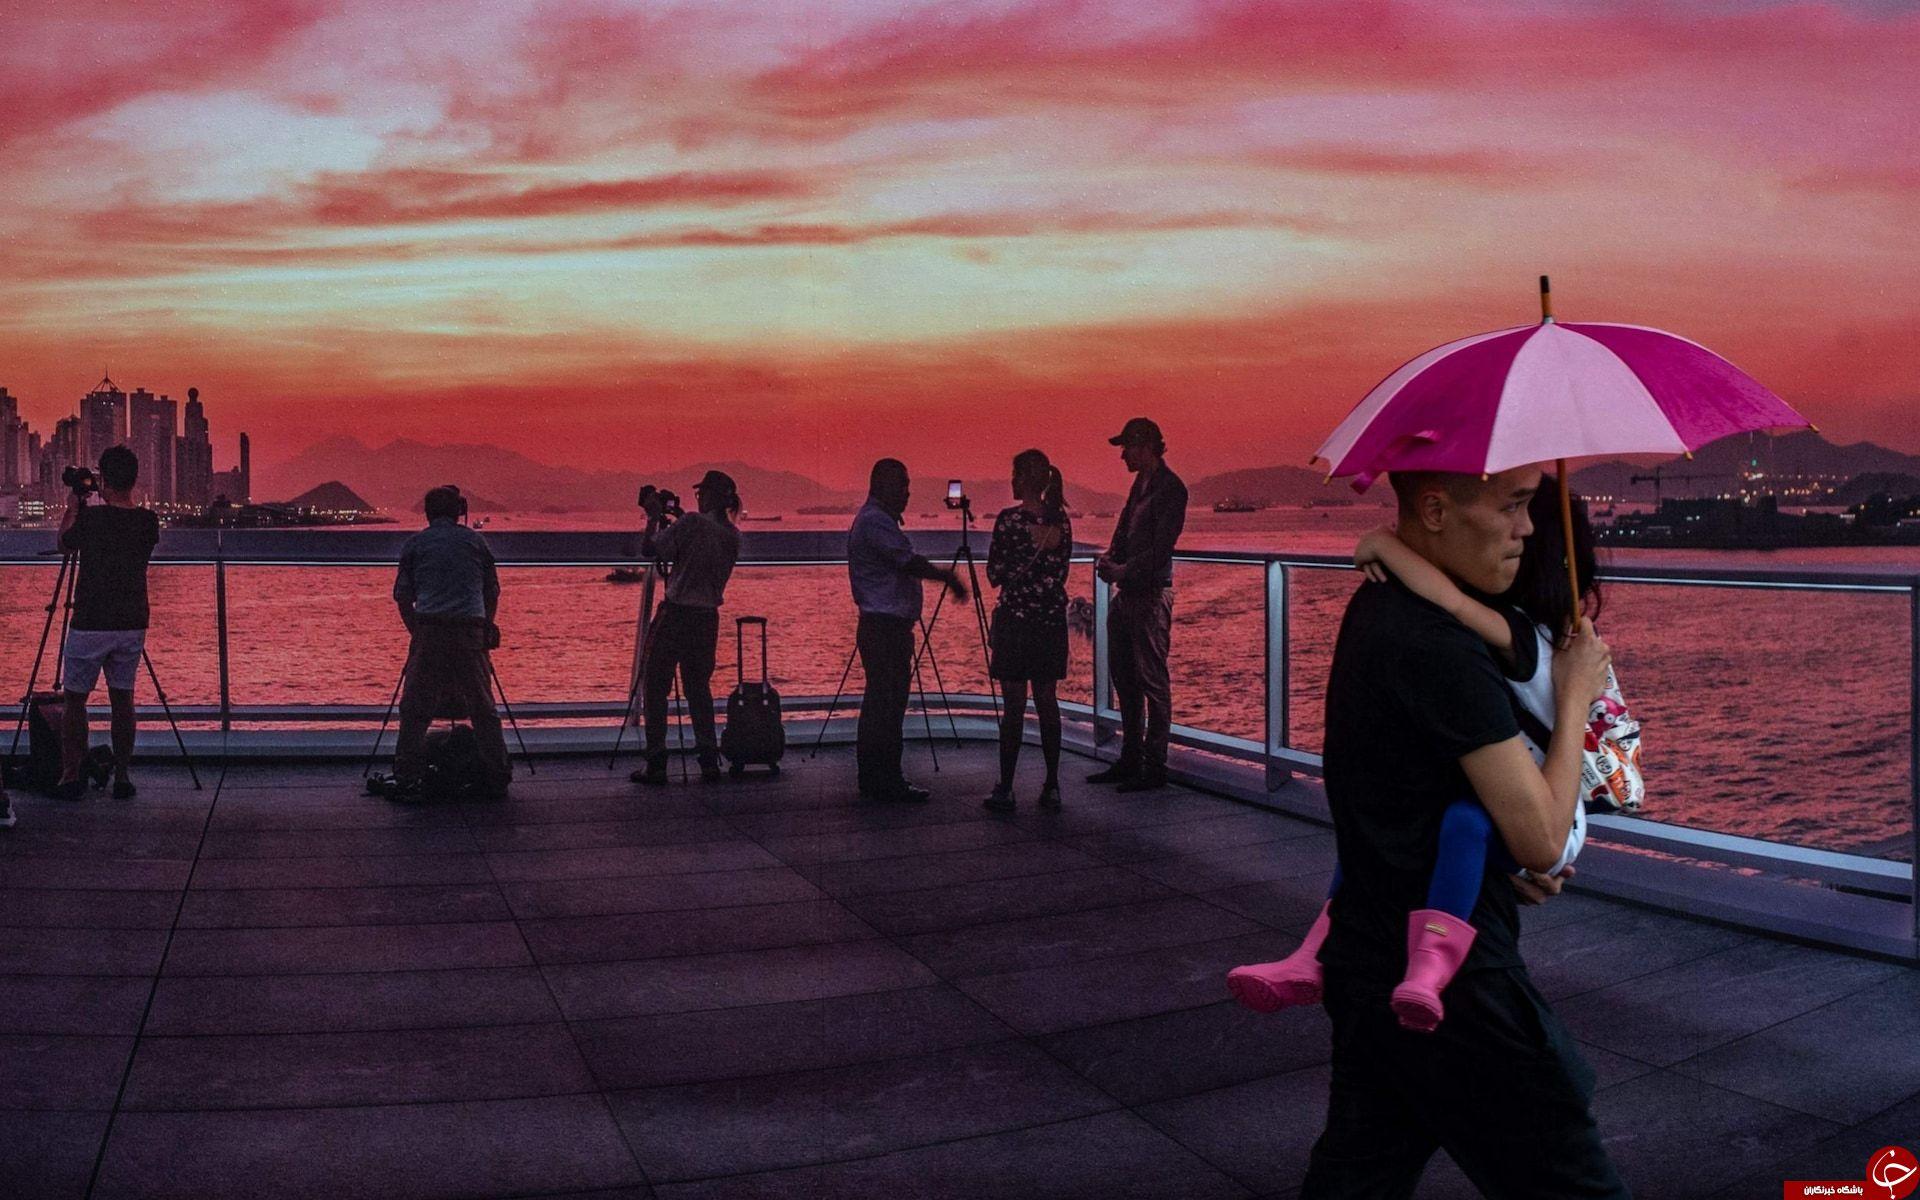 تصاویر روز: از مراسم یادبود حادثه آتش سوزی برج گرنفل تا برگزاری روز جهانی آلبینوها در سنگال